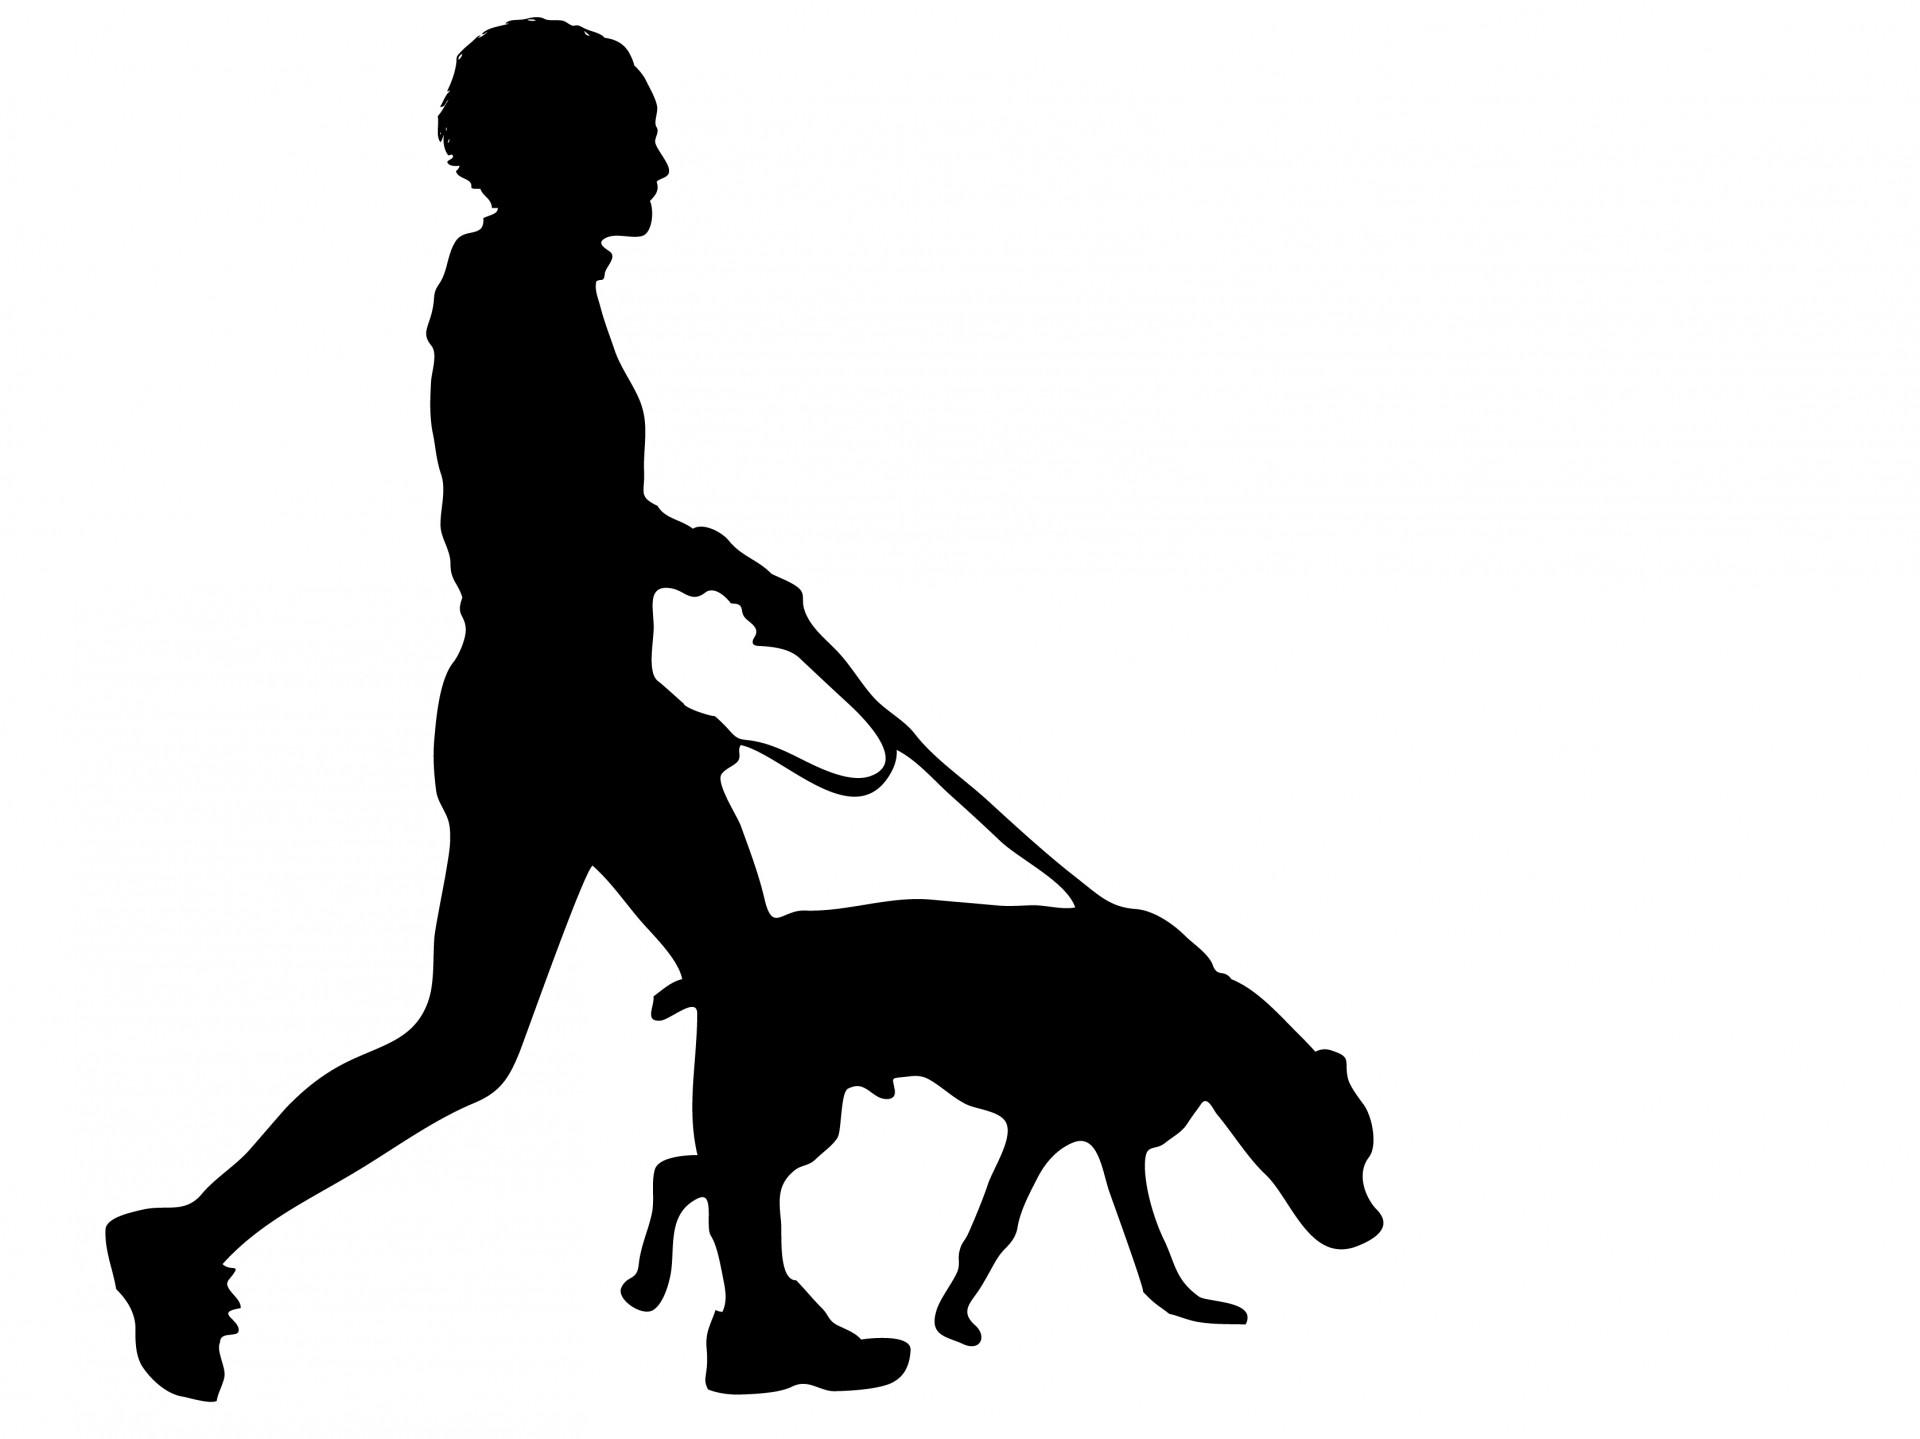 No dog walk clipart.